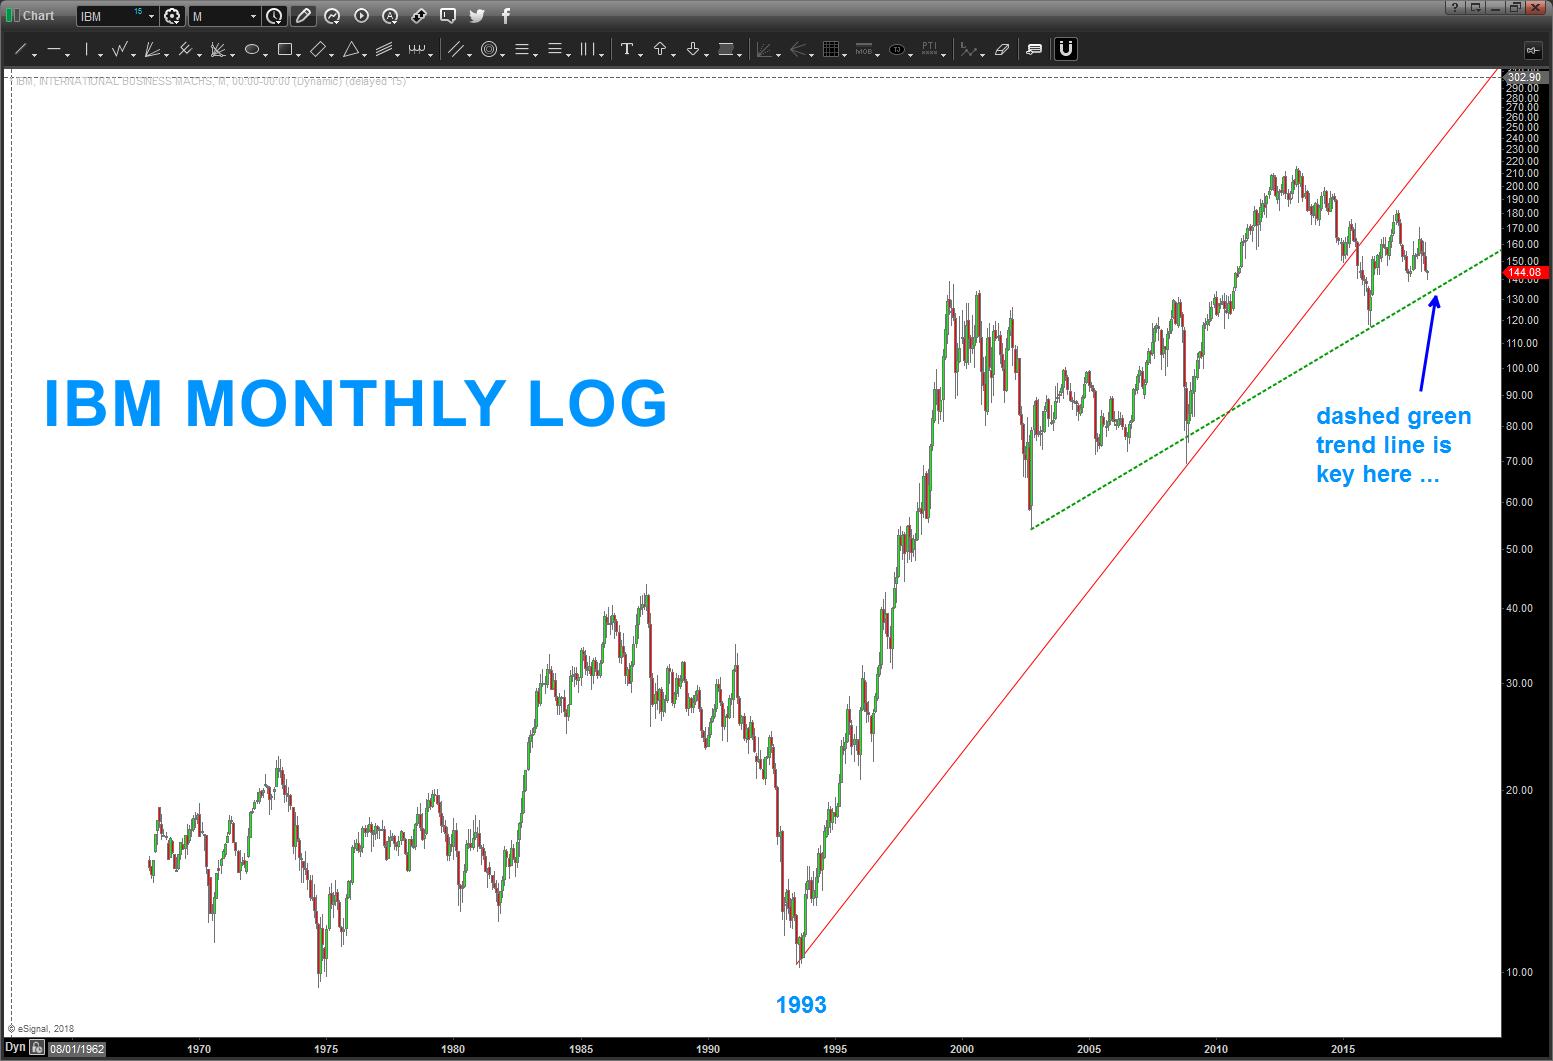 ibm stock analysis monthly bars chart_bullish_may 2018